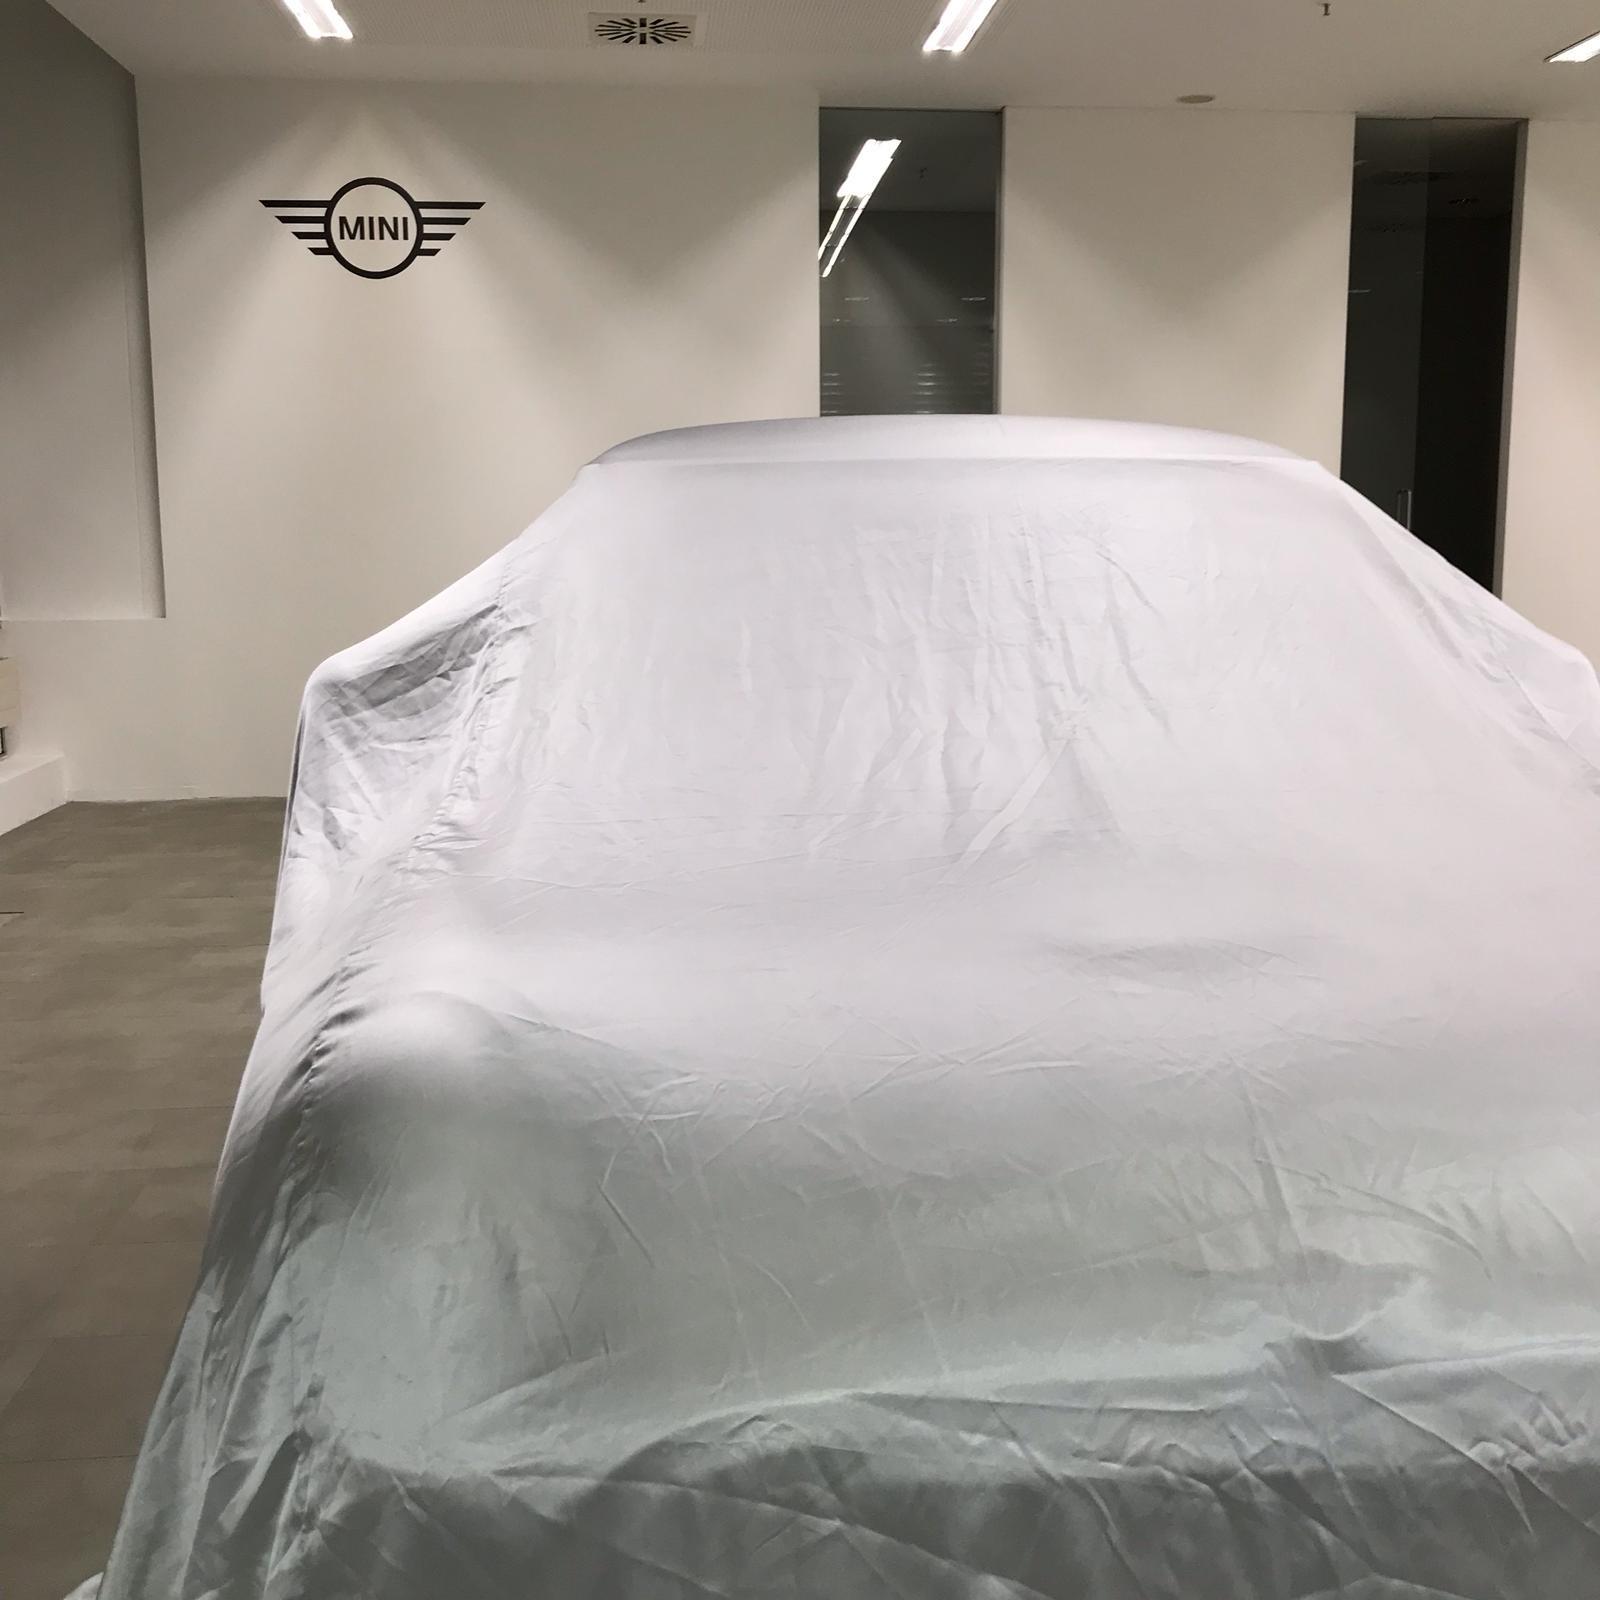 Autohaus Hofmann hat ersten MINI PopUp-Store in Bayern eröffnet